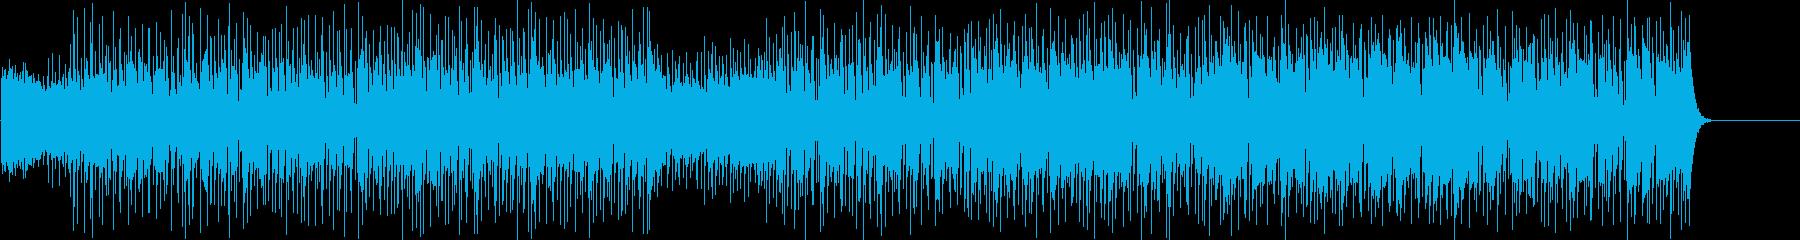 挑戦 追跡 あやしい 軽快 躍動 淡々の再生済みの波形